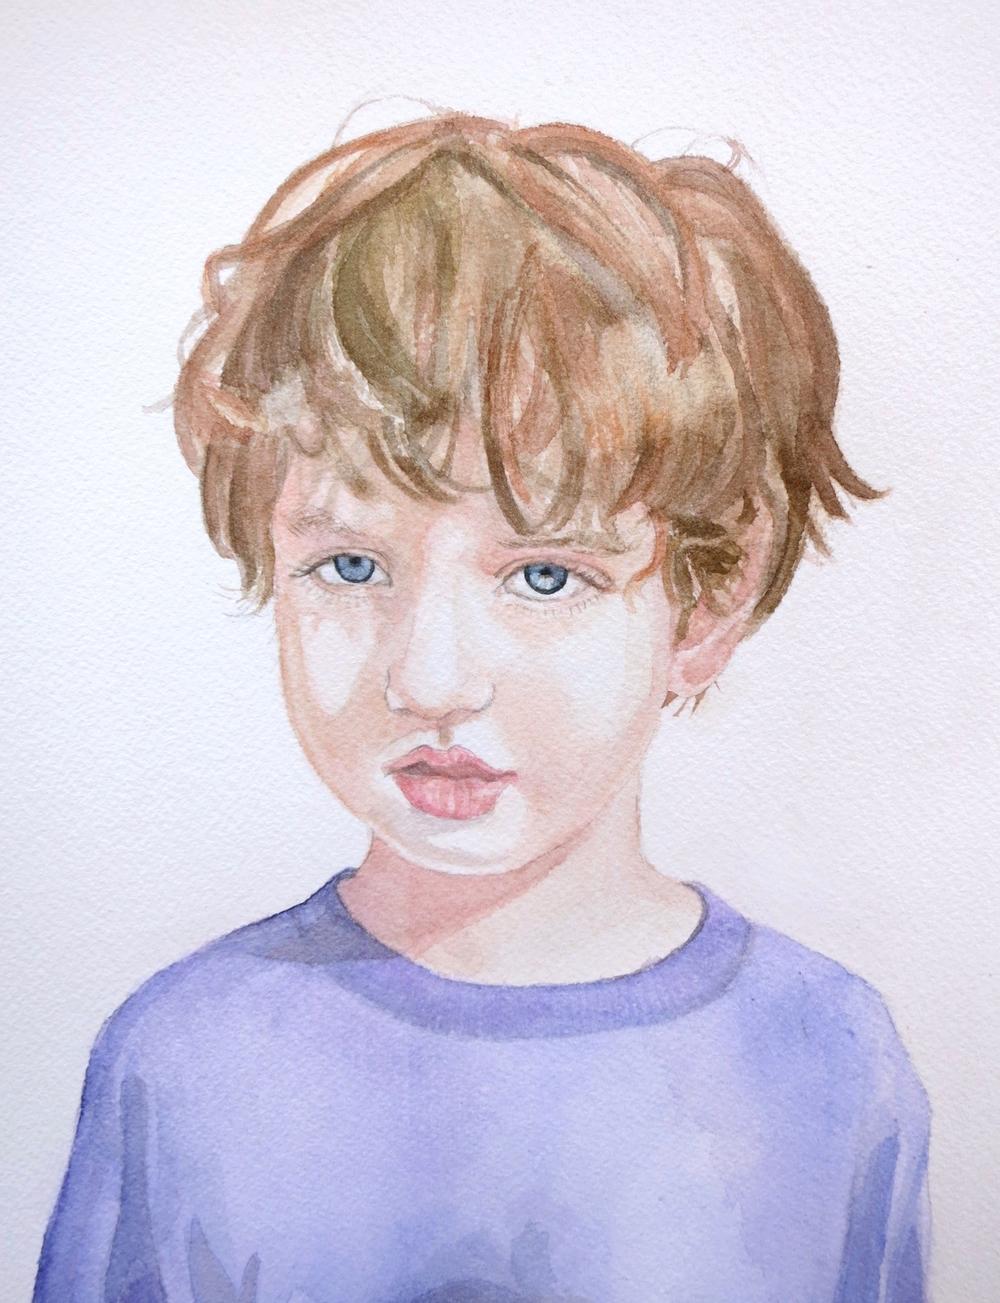 Boy in Purple Shirt